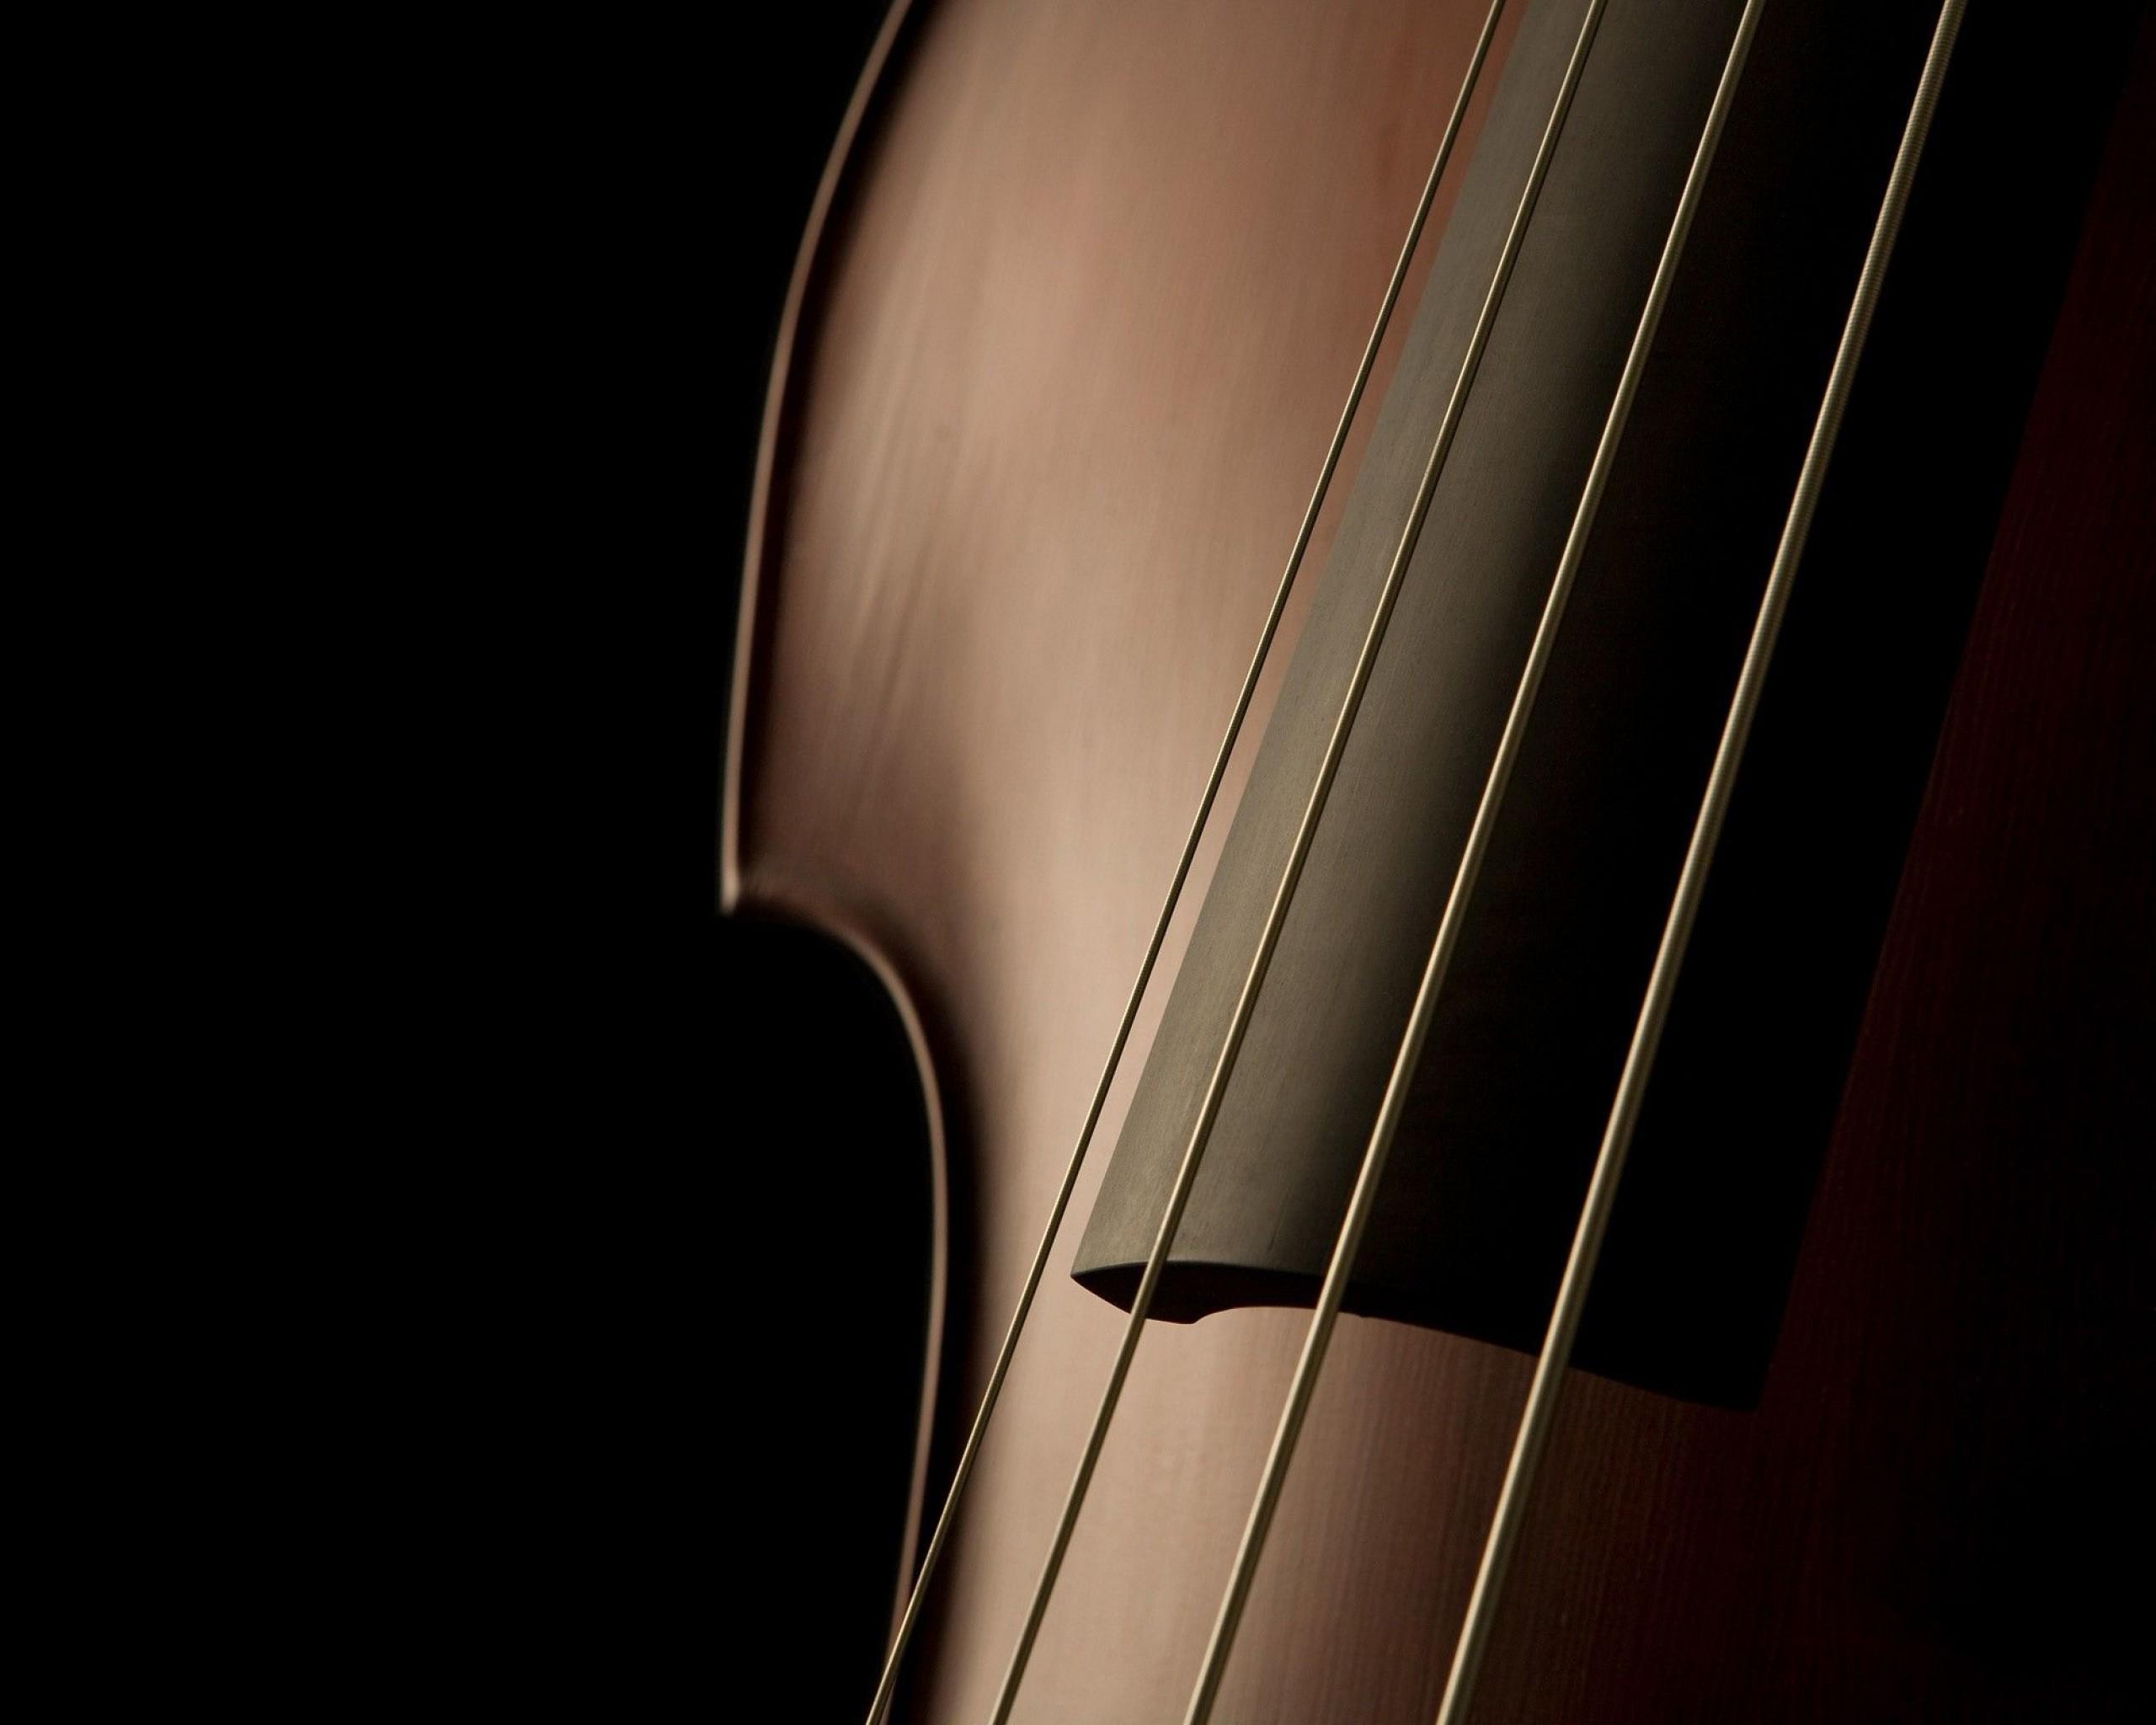 Фото: Струнный музыкальный инструмент